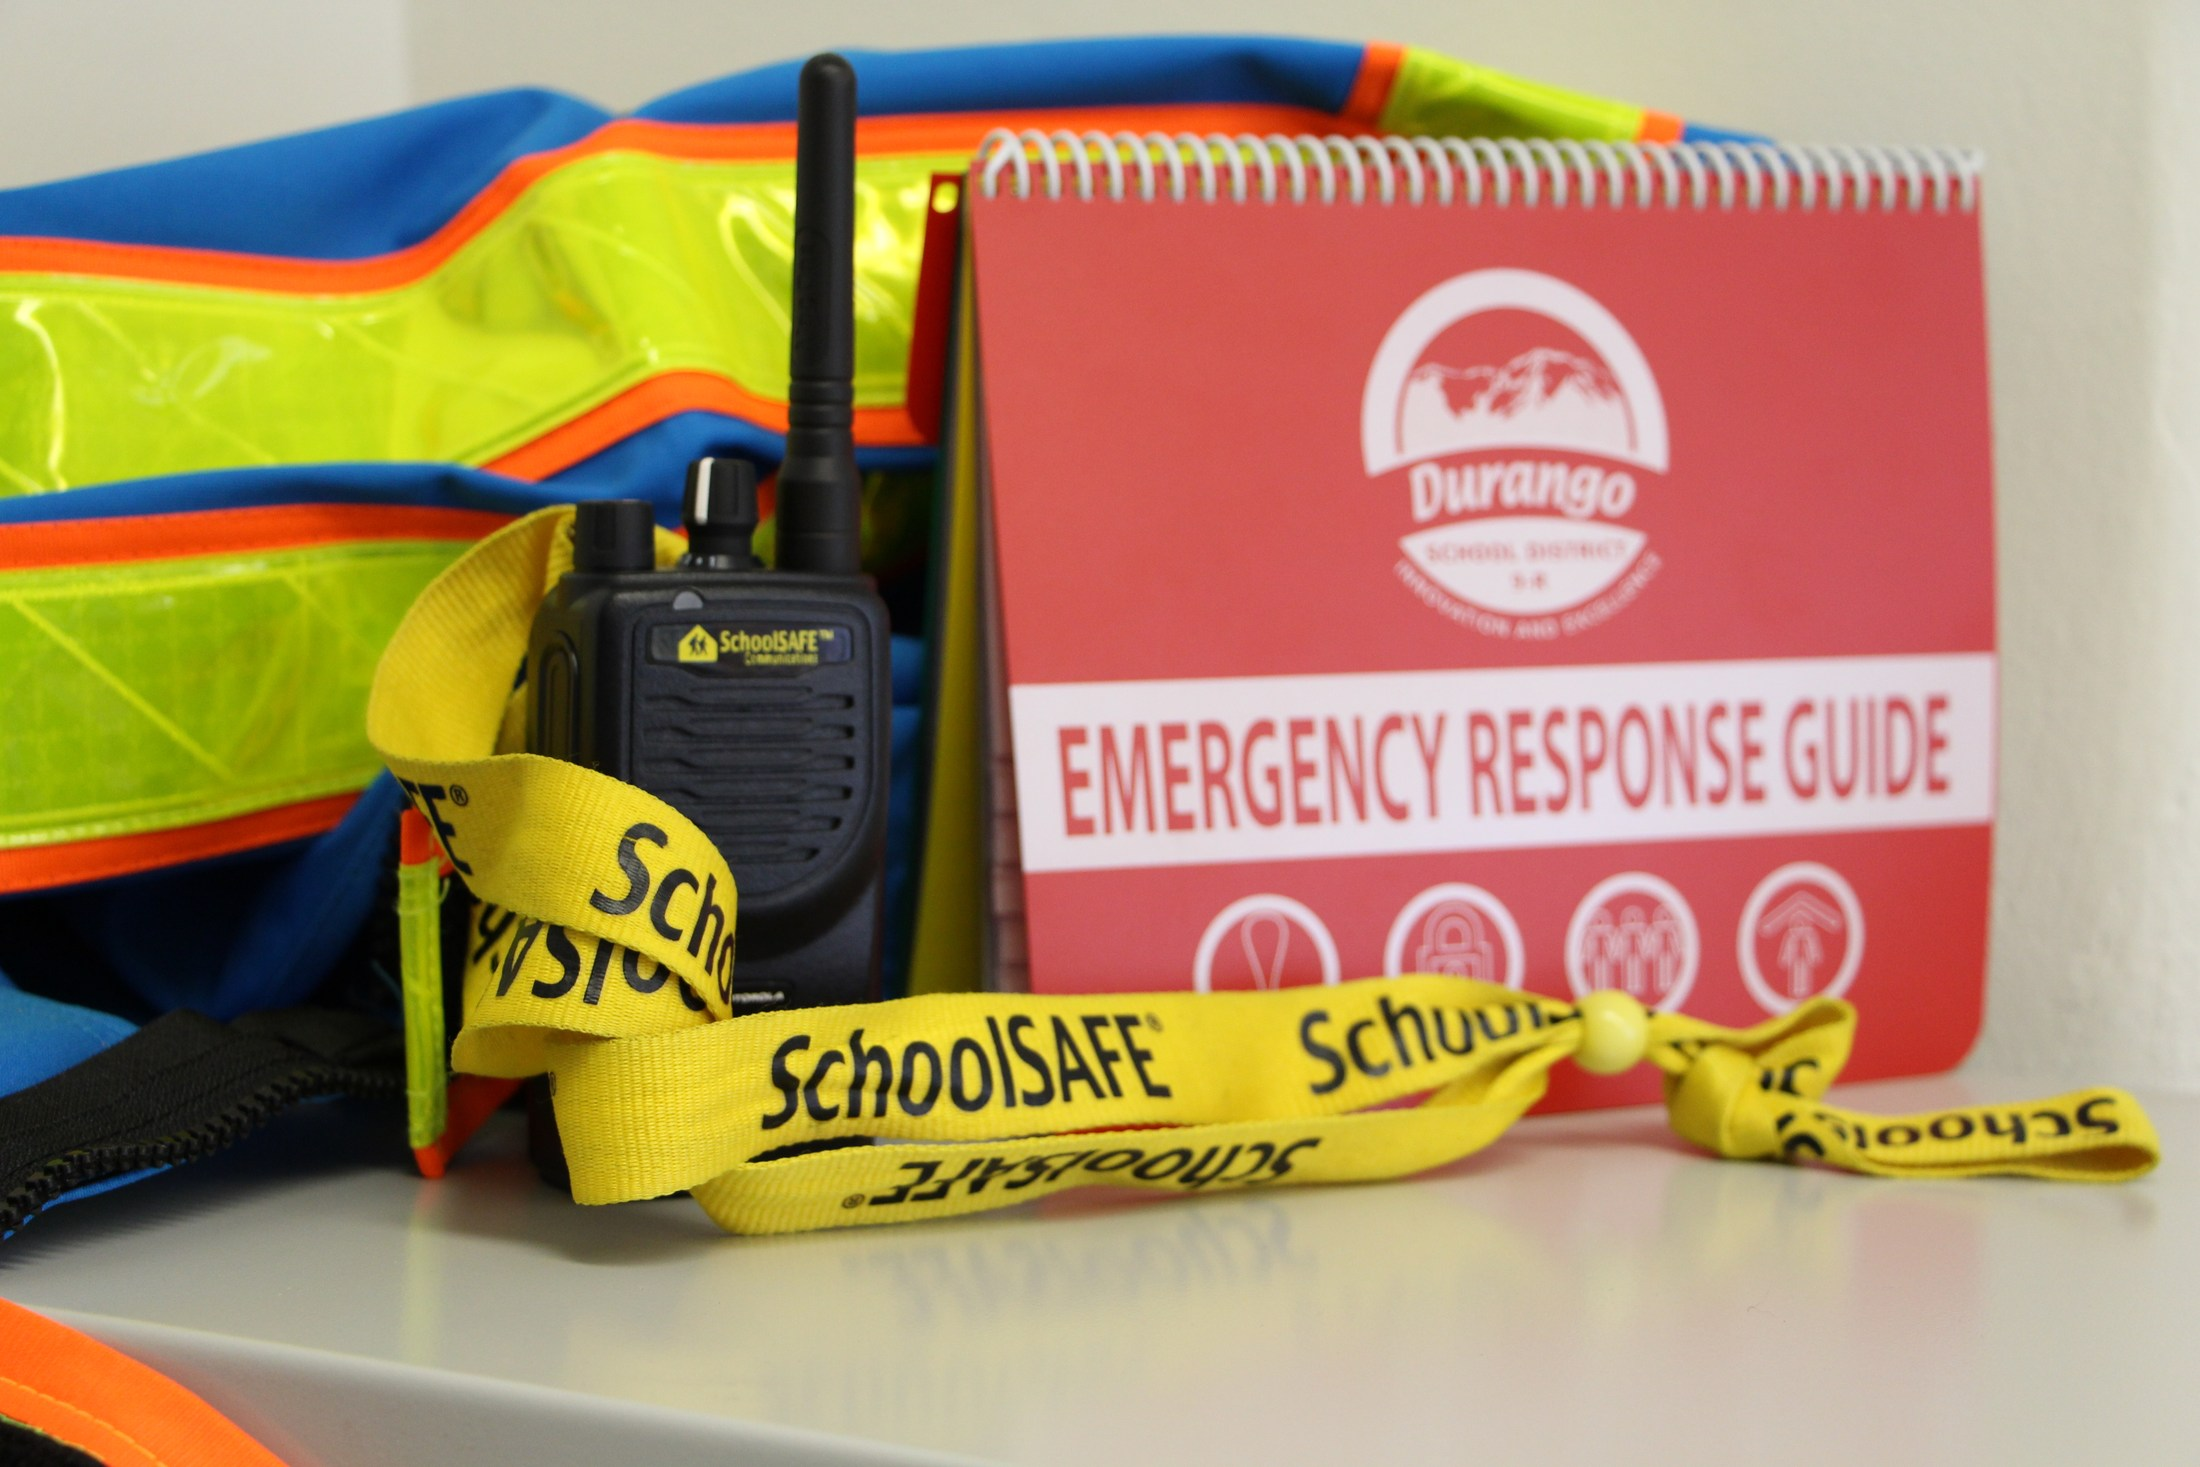 basic emergency operations plans school safety durango school rh durangoschools org